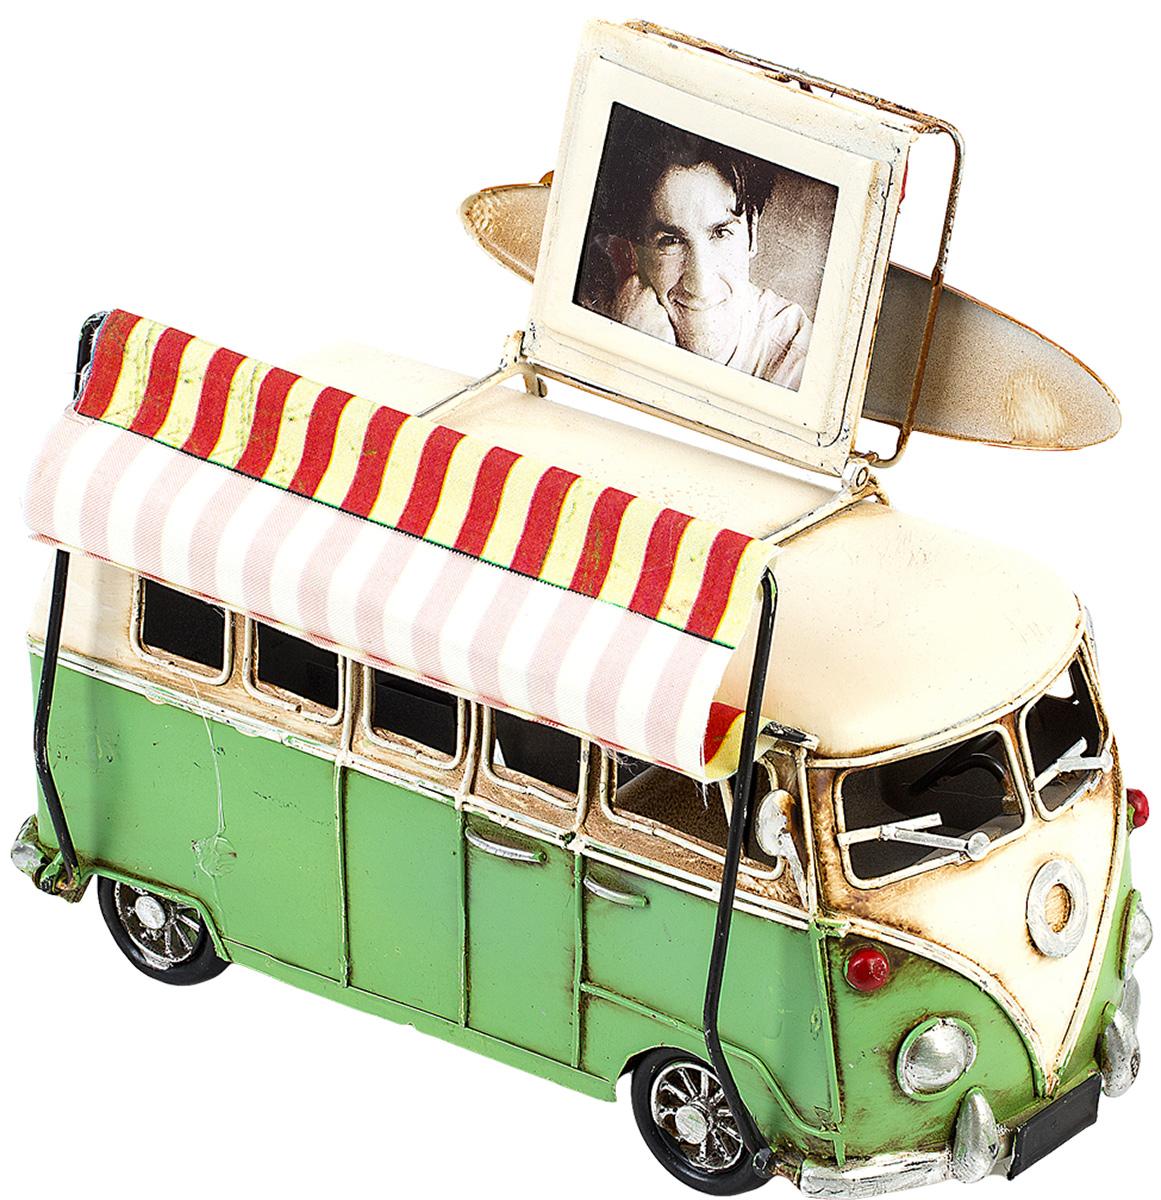 Модель Platinum Автобус, с фоторамкой. 1404E-43481404E-4348Модель Platinum Автобус, выполненная из металла, станет оригинальным украшением вашего интерьера. Вы можете поставить модель автобуса в любом месте, где она будет удачно смотреться. Изделие дополнено фоторамкой, куда вы можете вставить вашу любимую фотографию. Качество исполнения, точные детали и оригинальный дизайн выделяют эту модель среди ряда подобных. Модель займет достойное место в вашей коллекции, а также приятно удивит получателя в качестве стильного сувенира. Размер фотографии: 4 х 5 см.